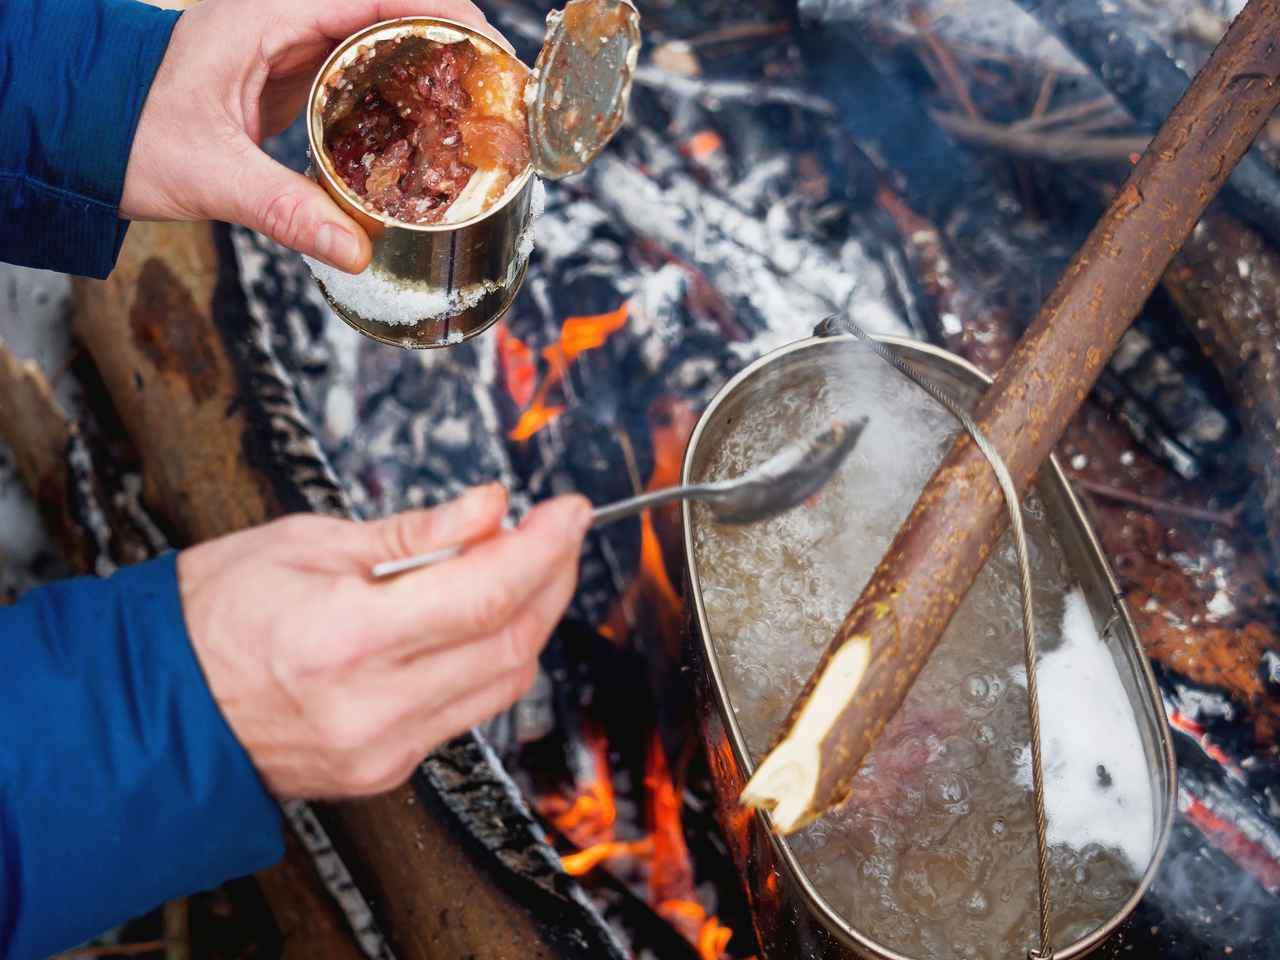 画像: 初心者キャンパーが作る簡単キャンプ飯!缶詰を使った時短アレンジレシピを紹介 - ハピキャン(HAPPY CAMPER)